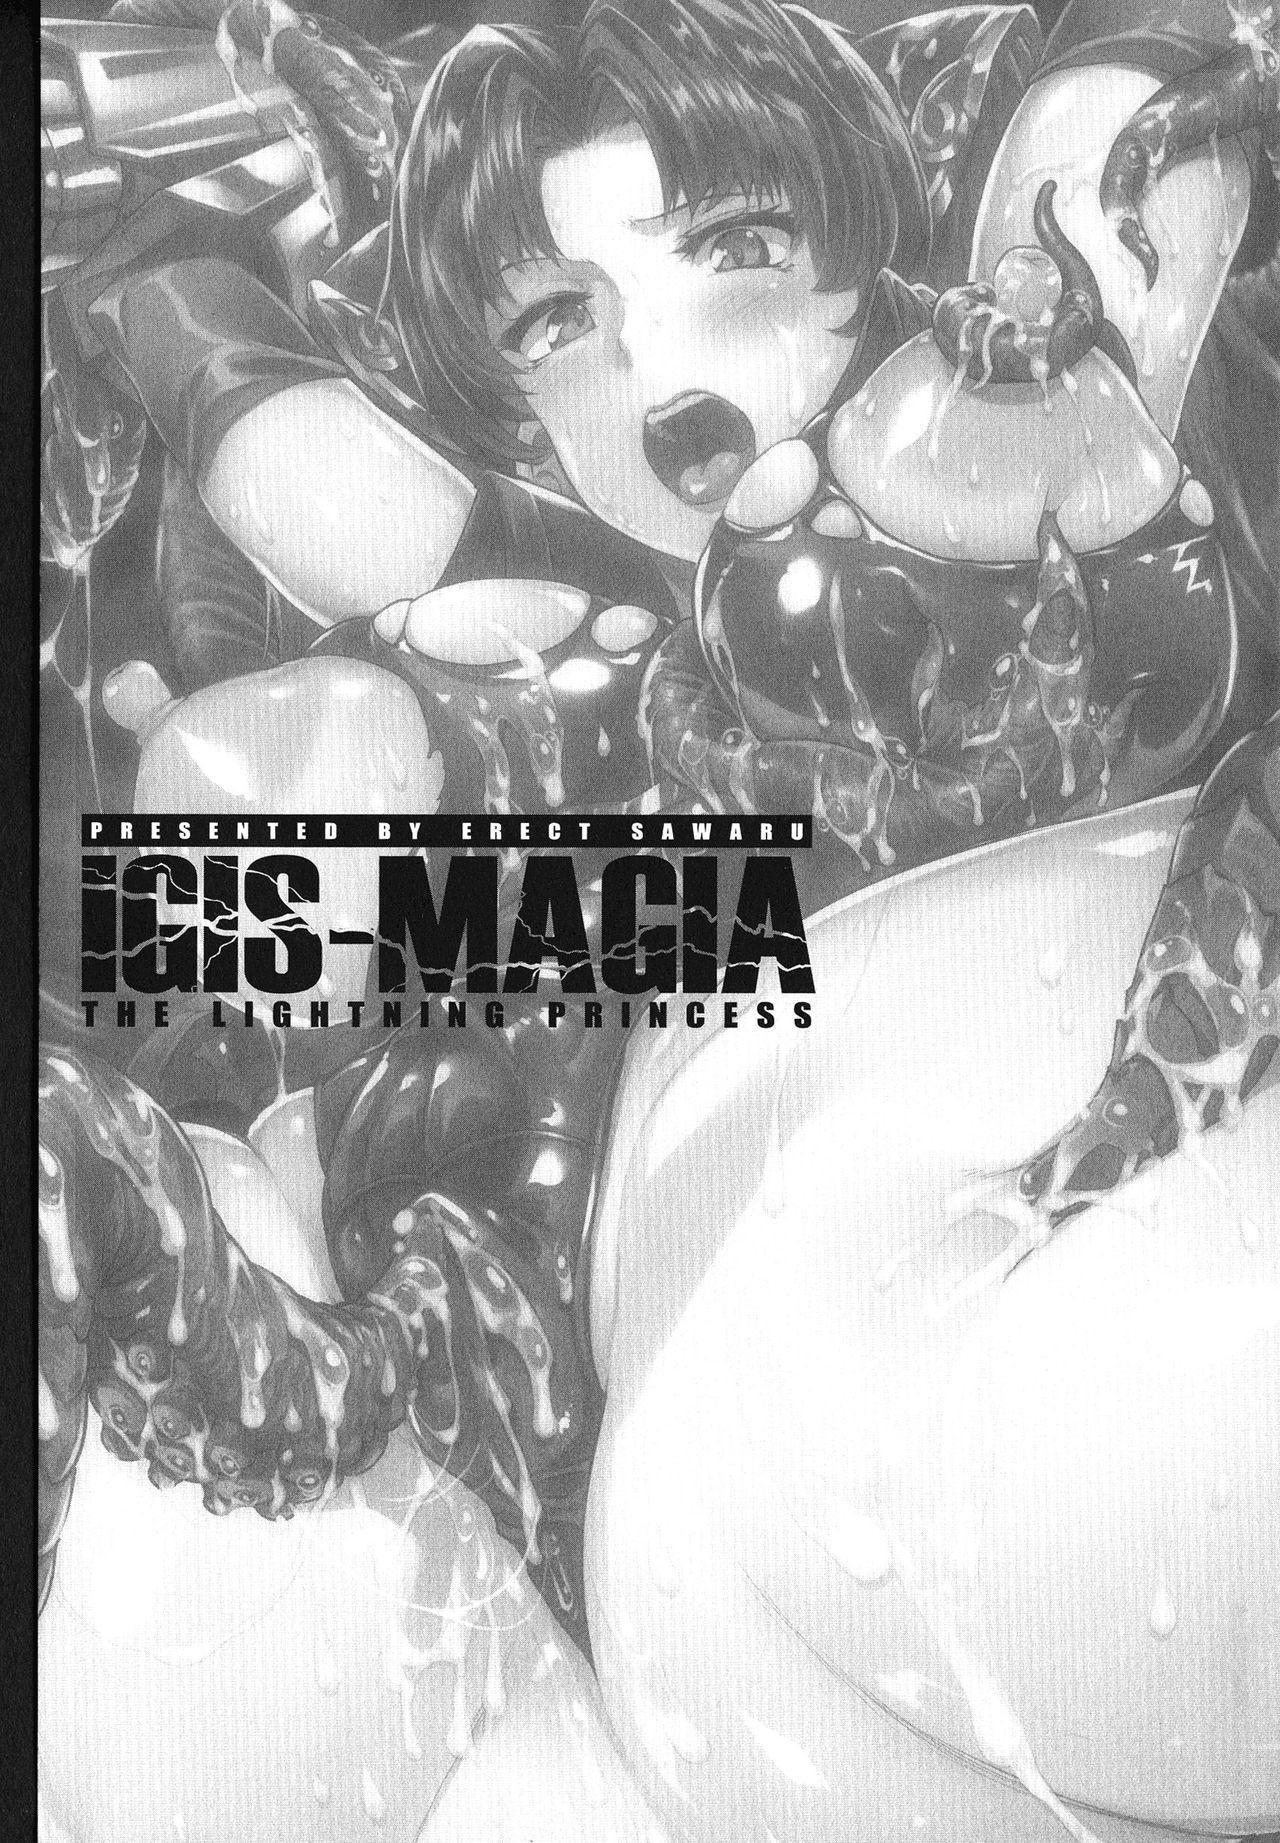 [Erect Sawaru] Raikou Shinki Igis Magia -PANDRA saga 3rd ignition- Ch. 1-5 [English] [CGrascal] 5